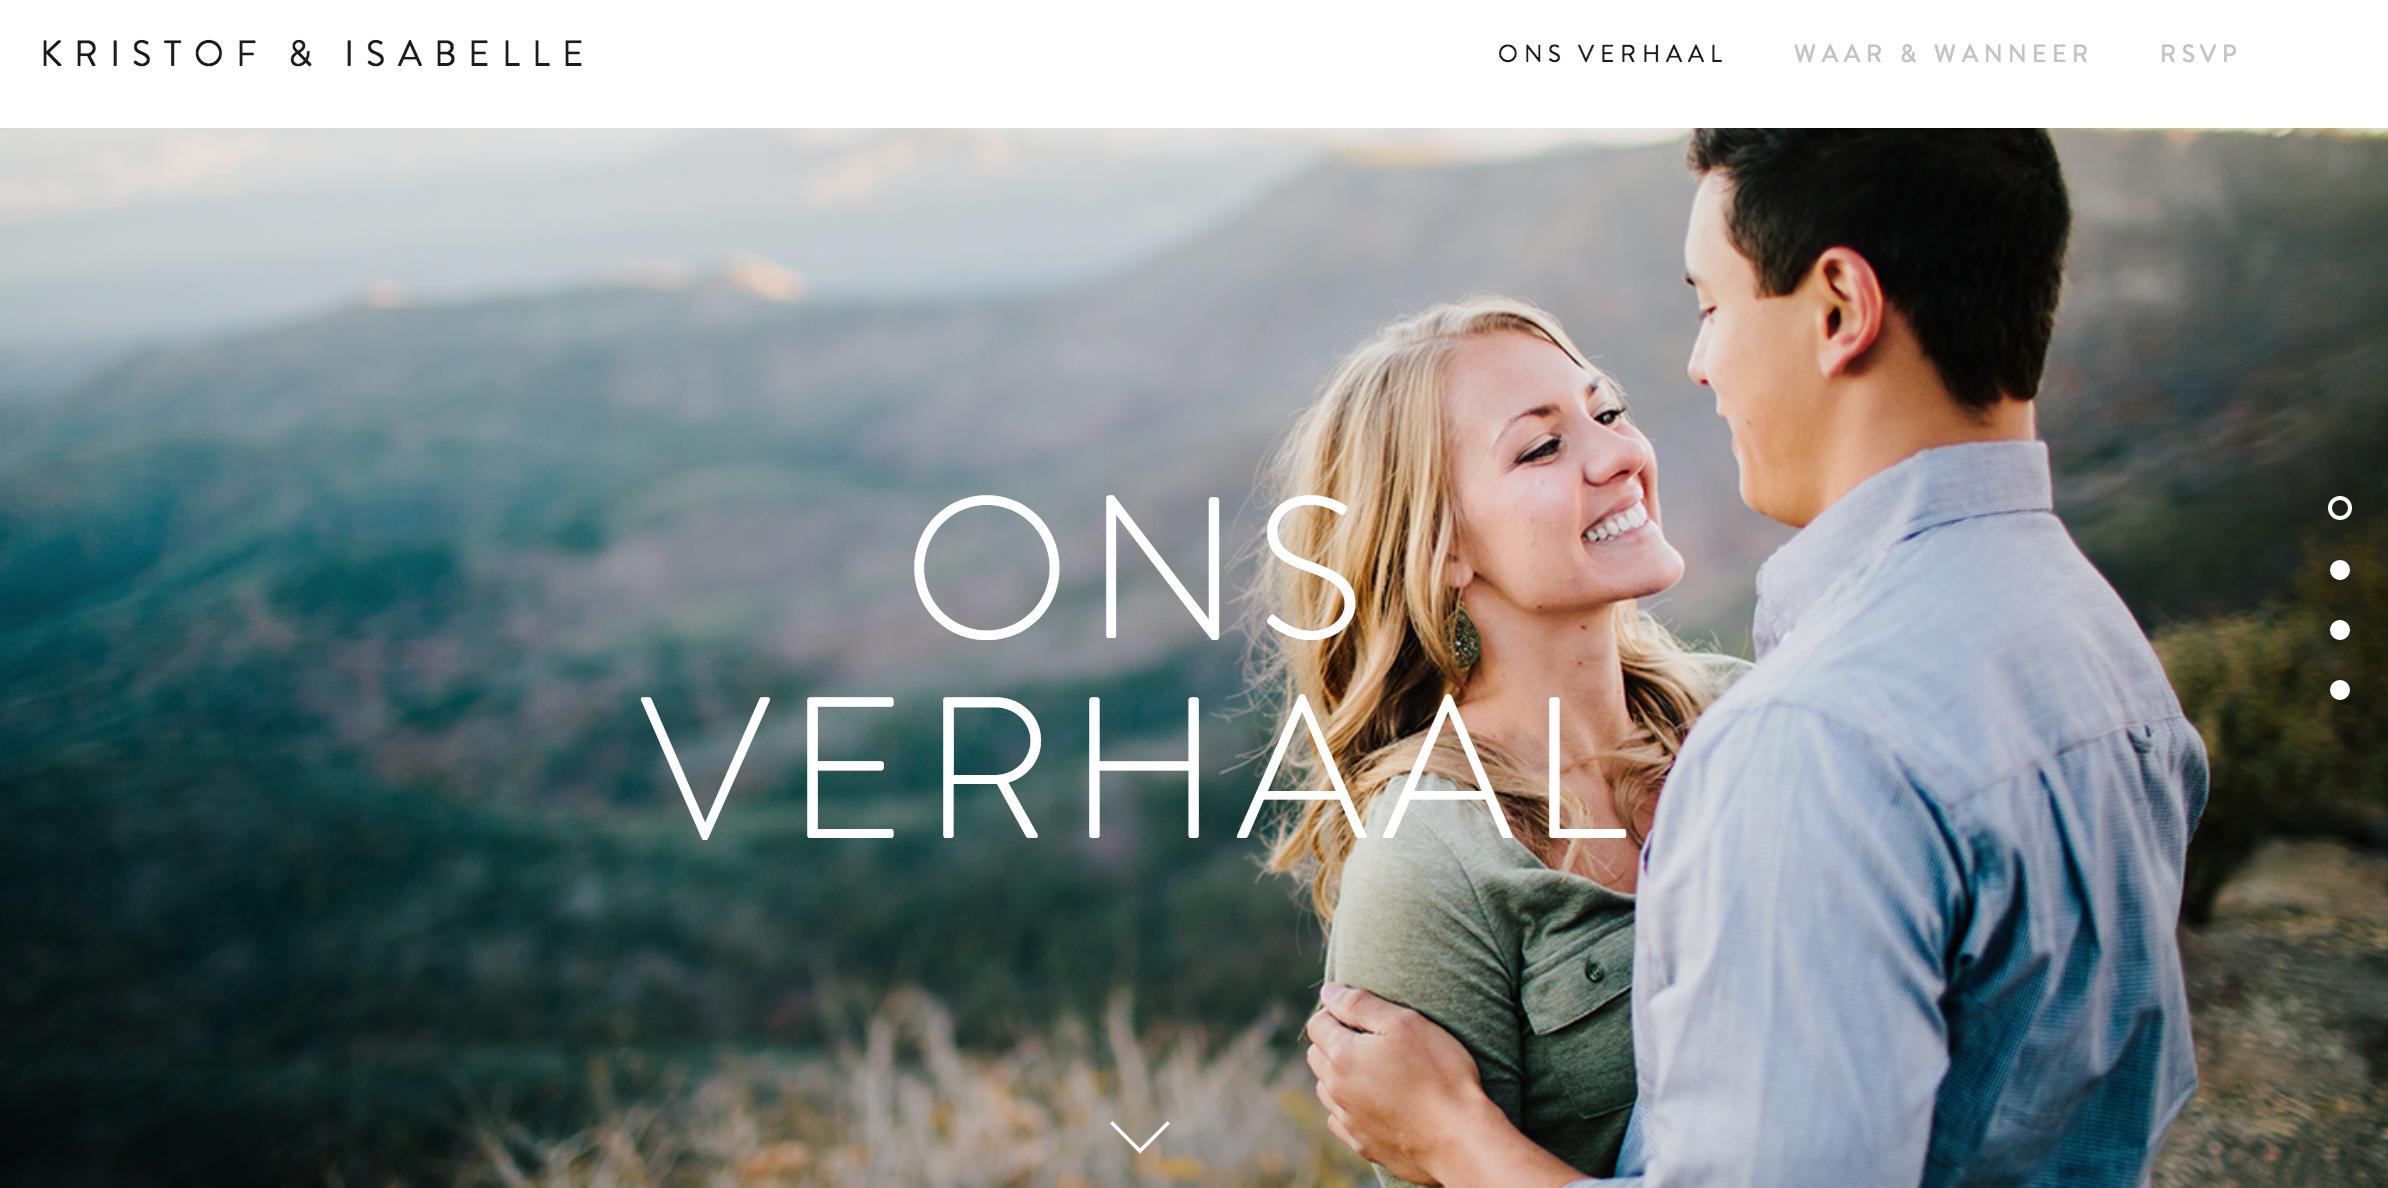 whatalovestory-website-huwelijk.png